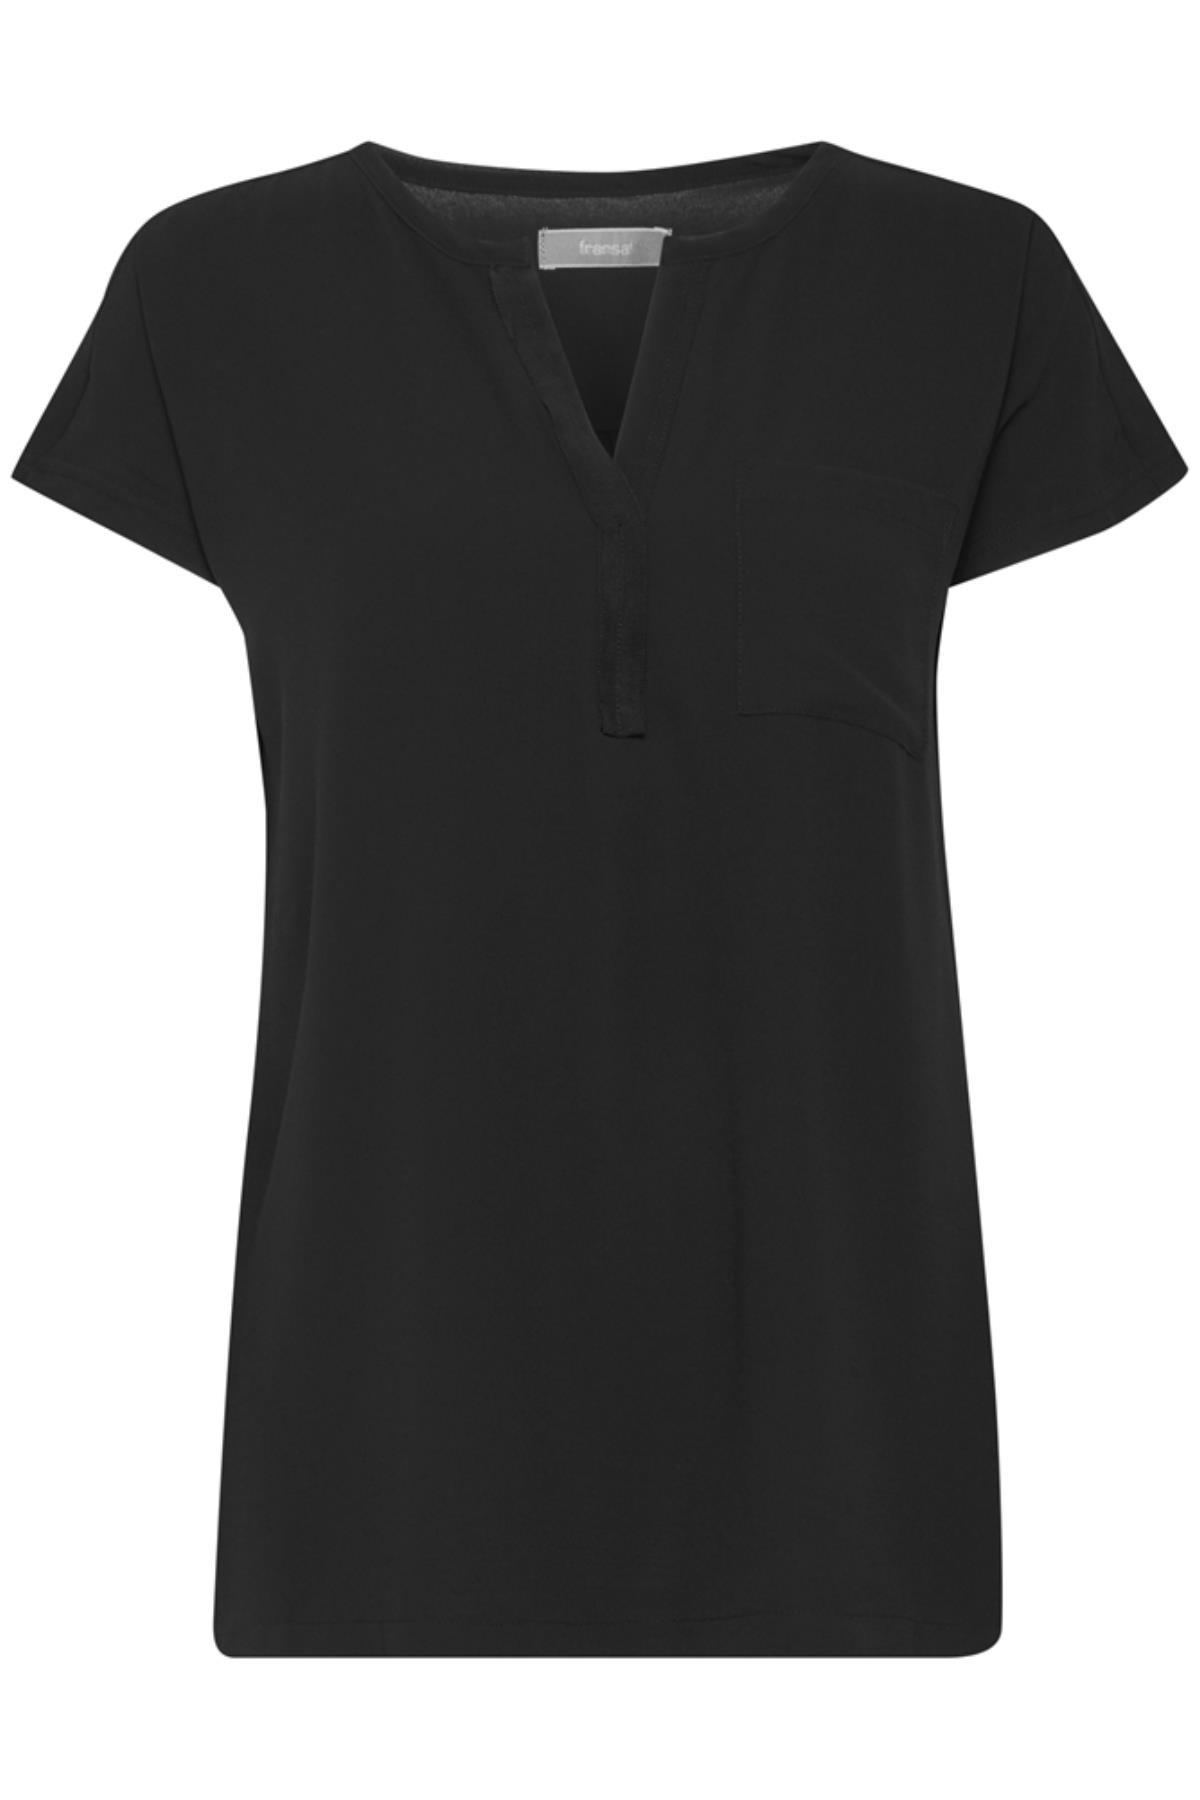 Schwarz Kurzarm-Bluse von Fransa – Shoppen Sie Schwarz Kurzarm-Bluse ab Gr. XS-XXL hier